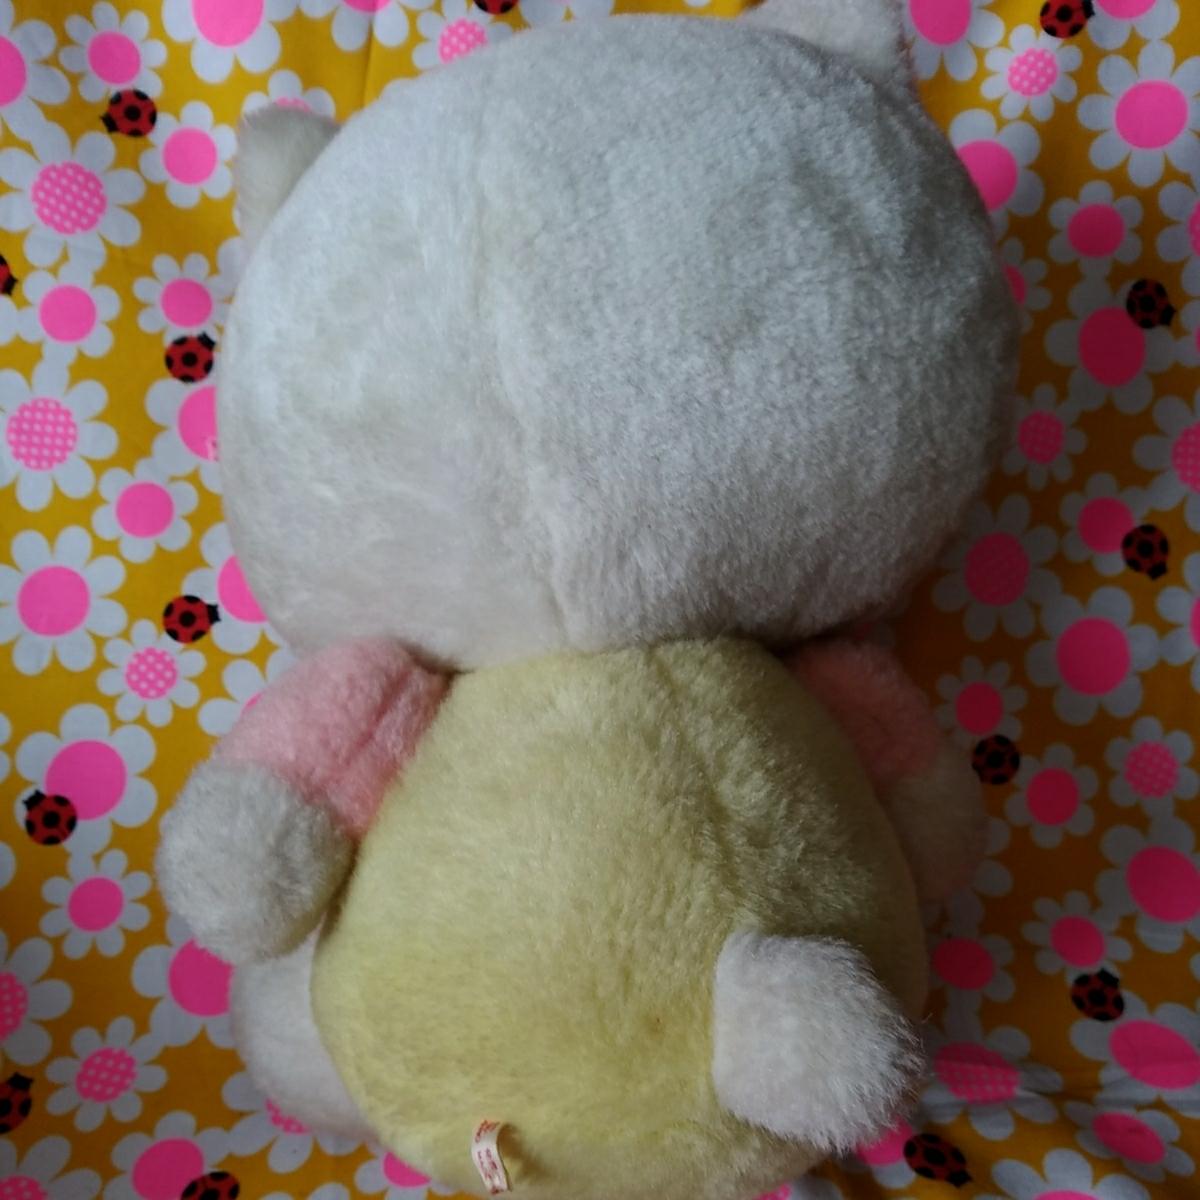 年代物 当時物 昭和 レトロ サンリオ キティ 希少 ぬいぐるみ 人形 30cm 難あり コレクション コレクター 日本製_画像3